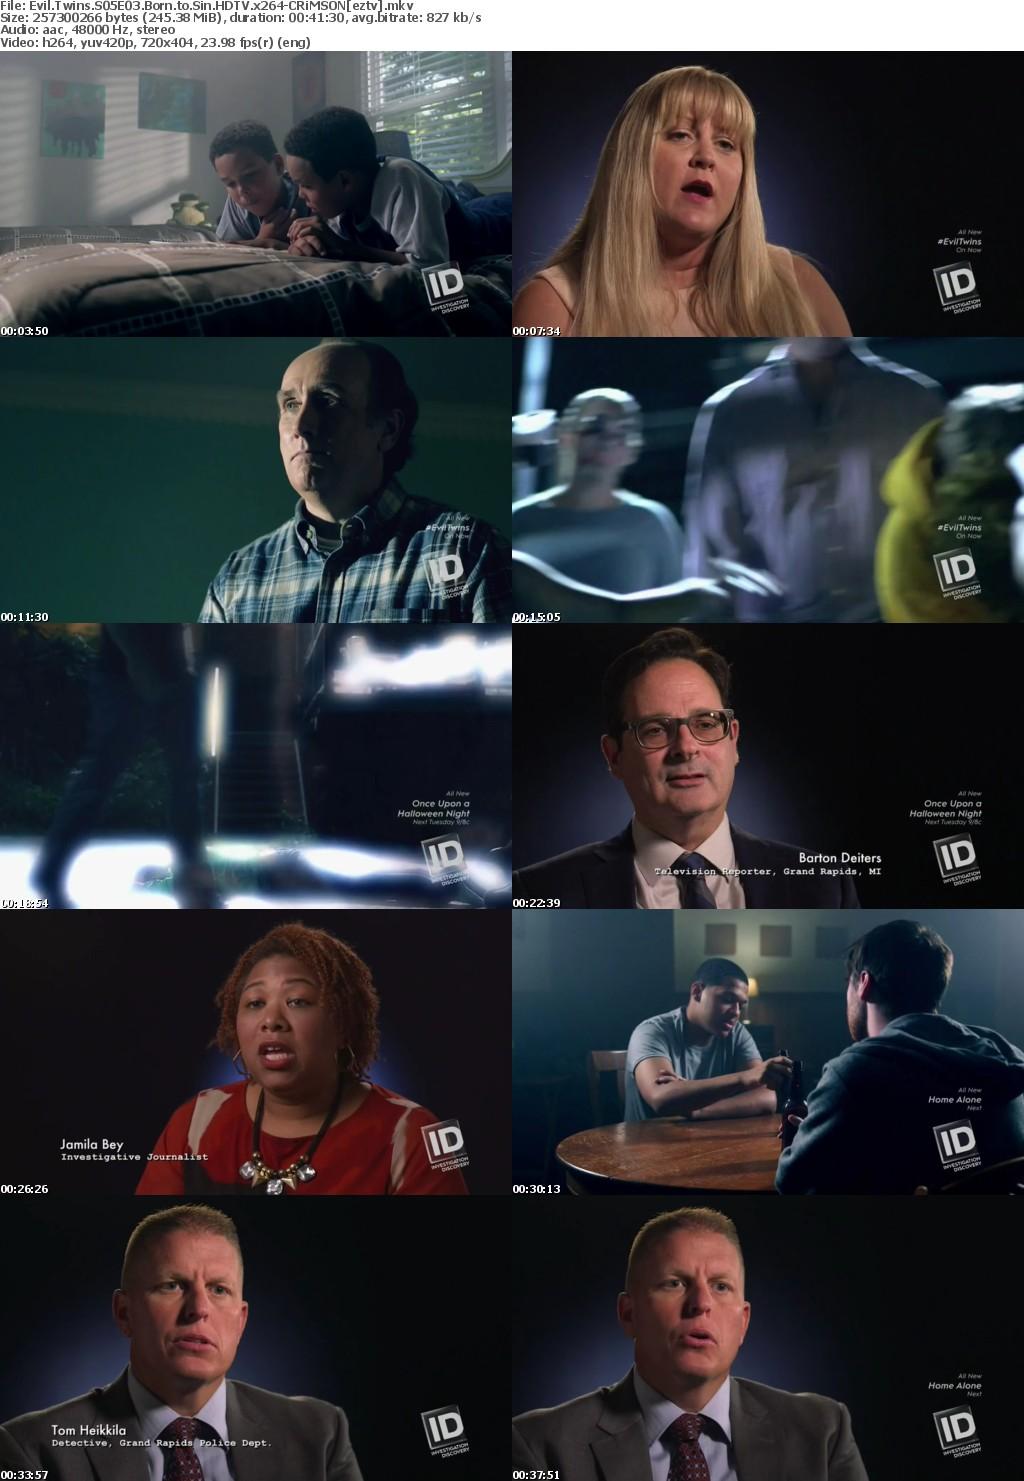 Evil Twins S05E03 Born to Sin HDTV x264-CRiMSON